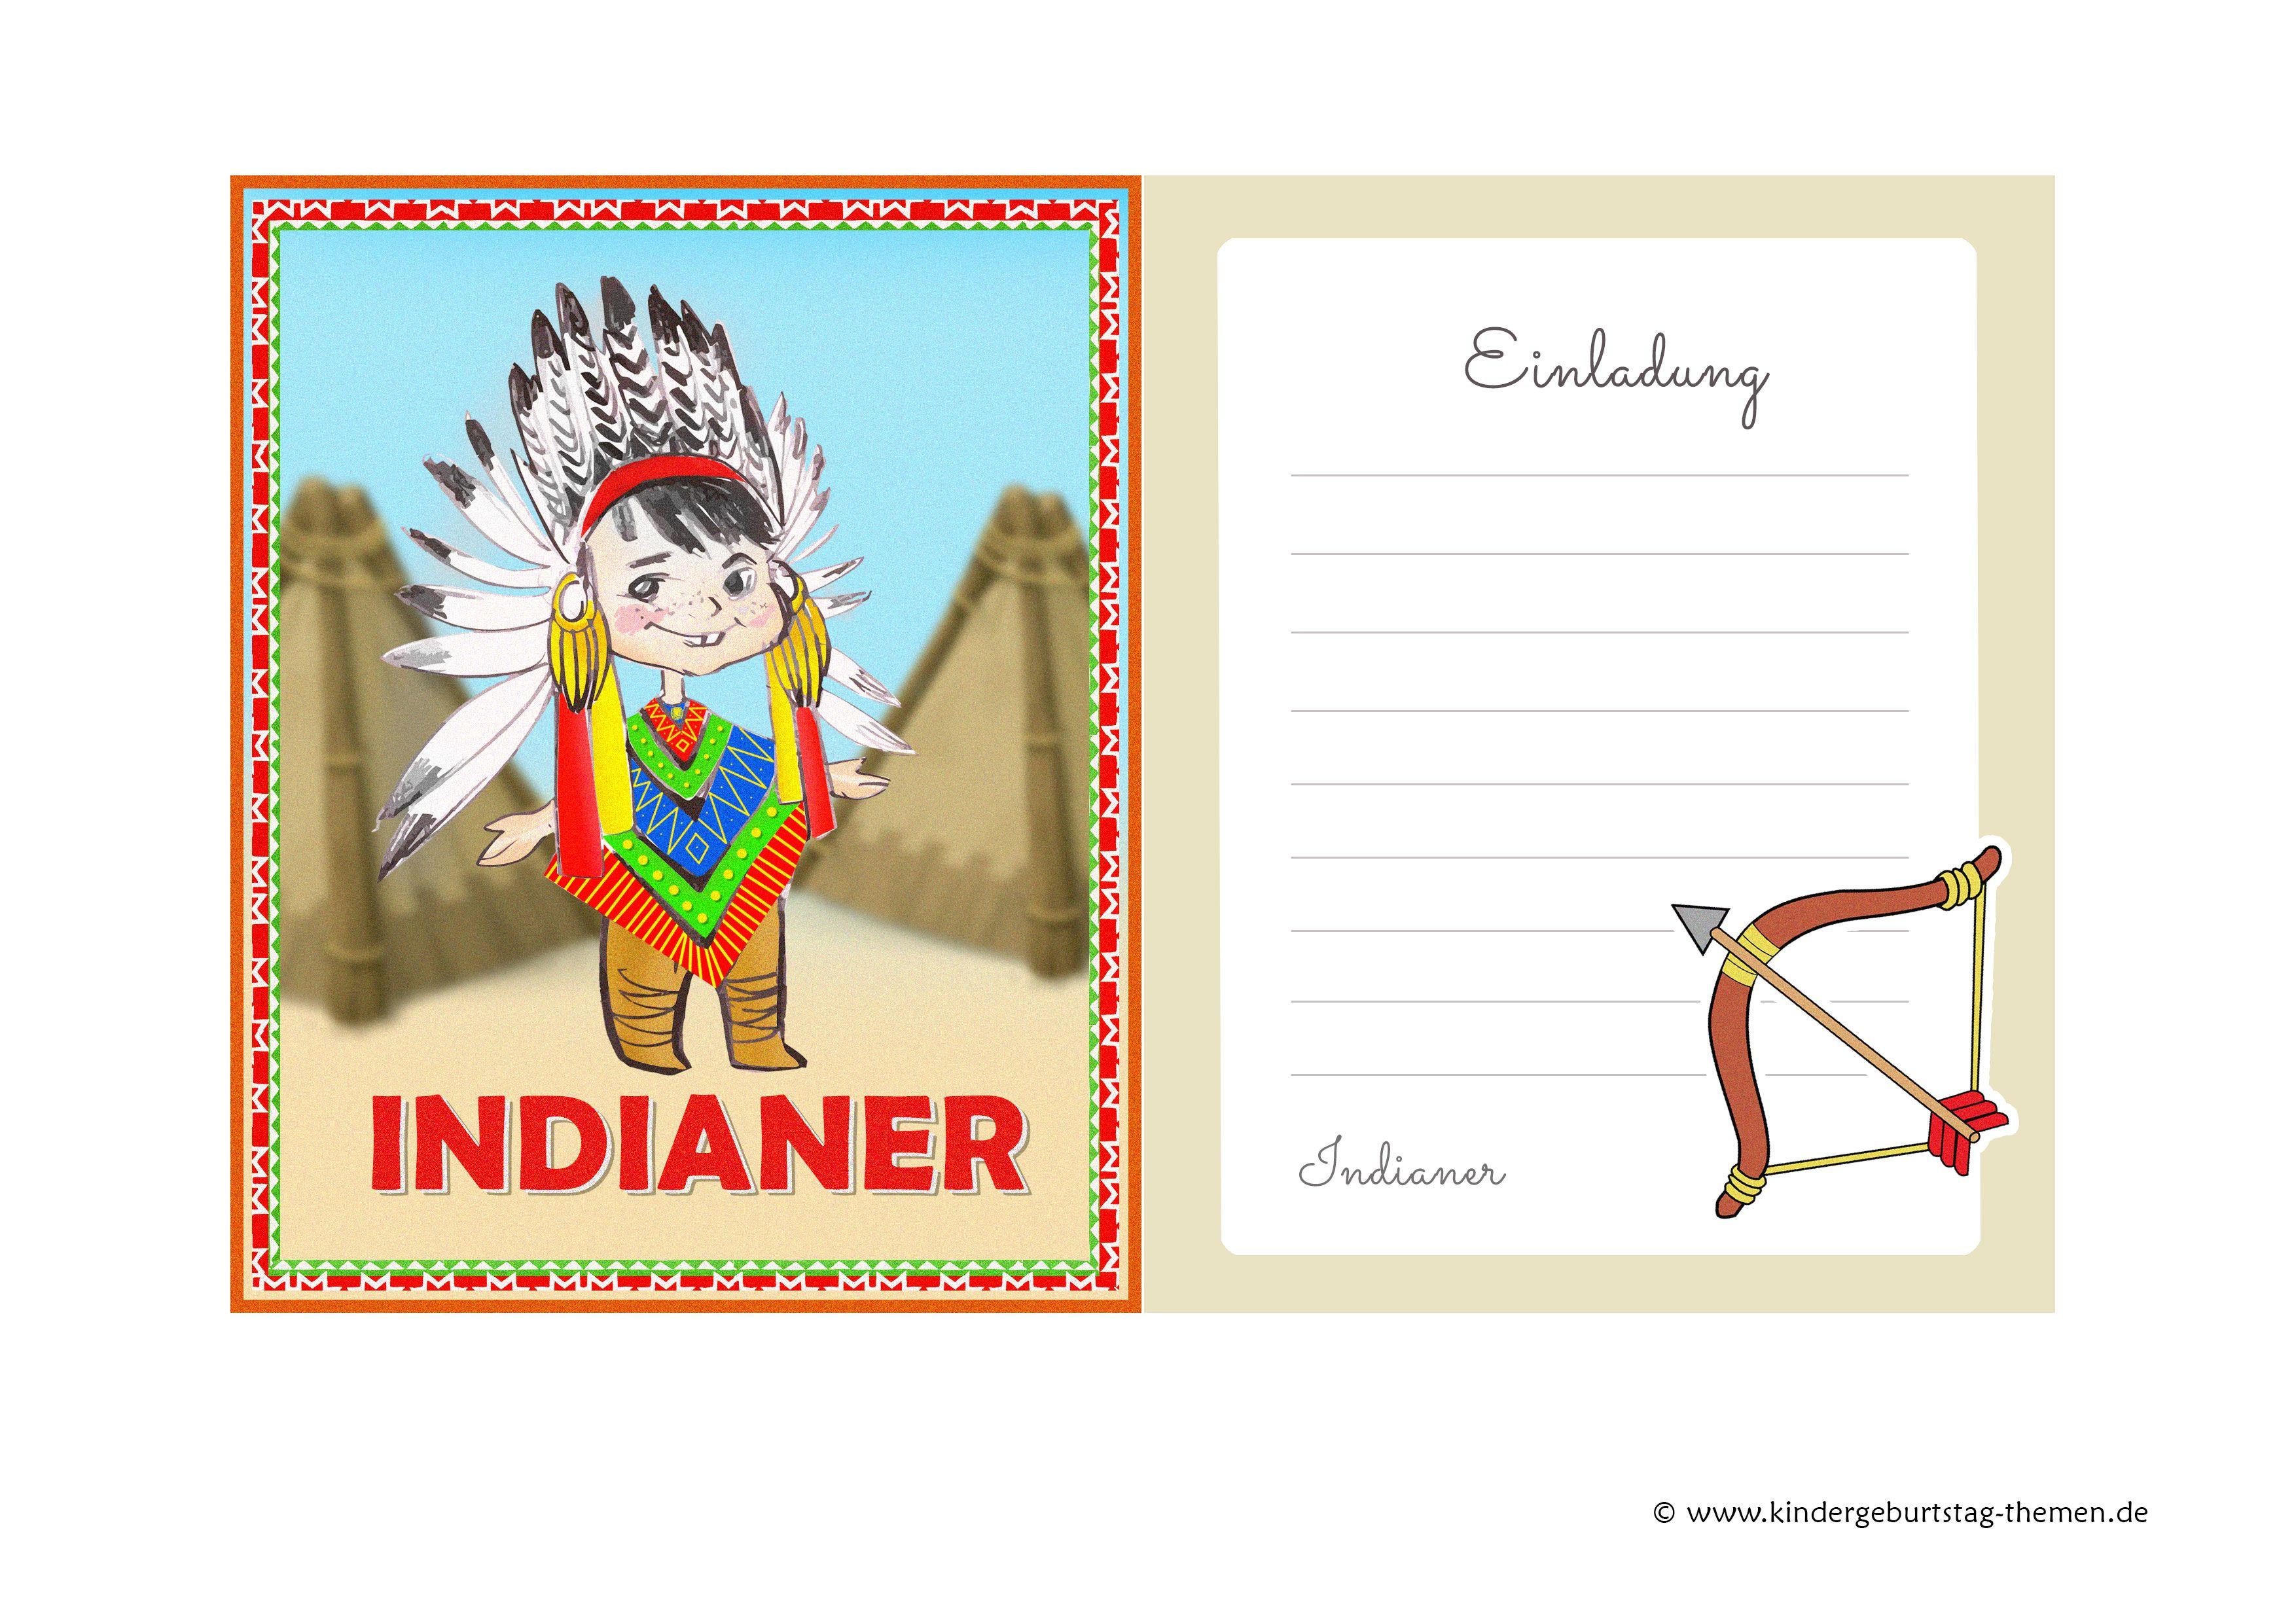 Geburtstagskarten Zum Ausdrucken Kostenlos  Geburtstagskarte Zum Ausdrucken A4